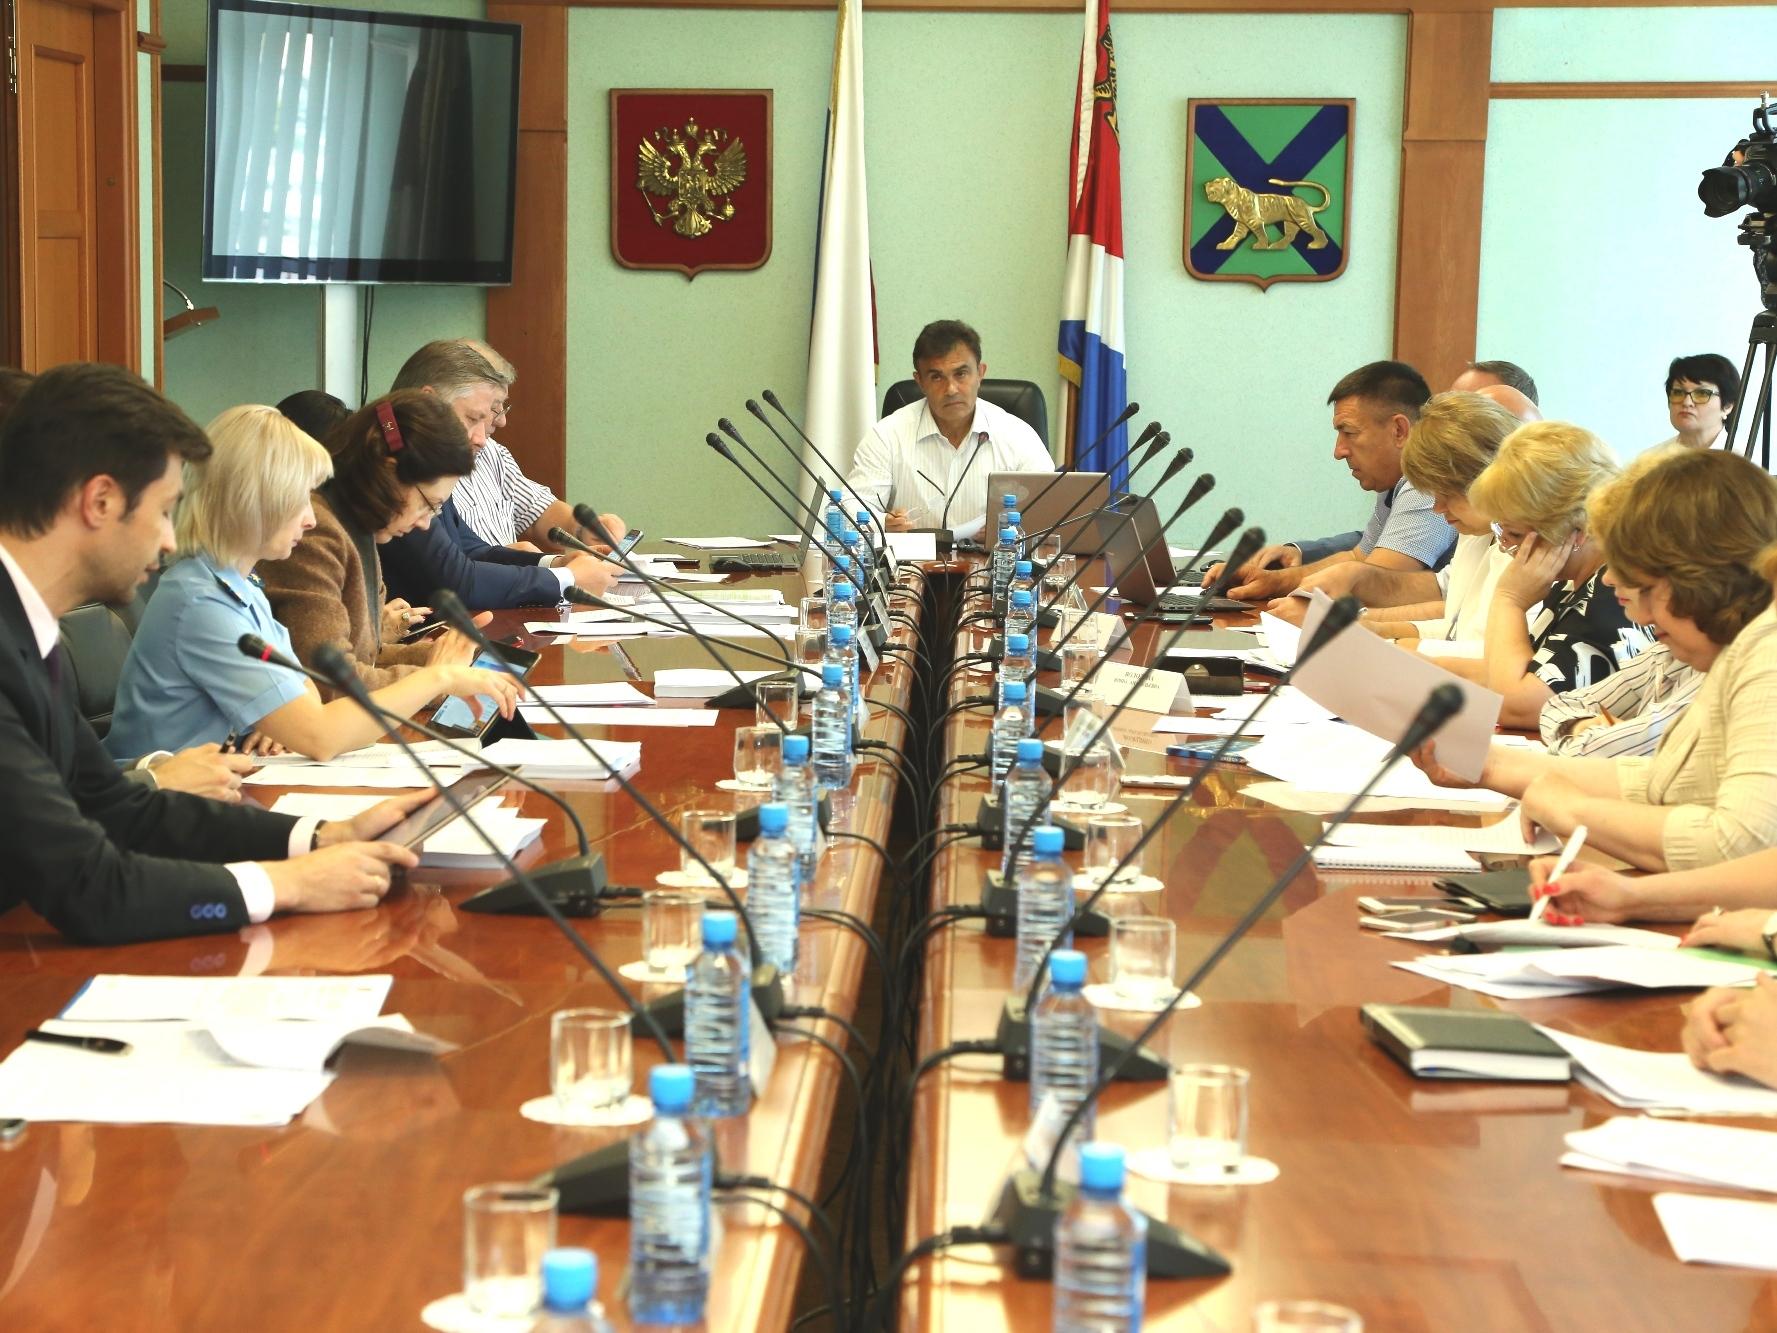 Владивосток желает выручить 8,5 млрд руб заHyatt